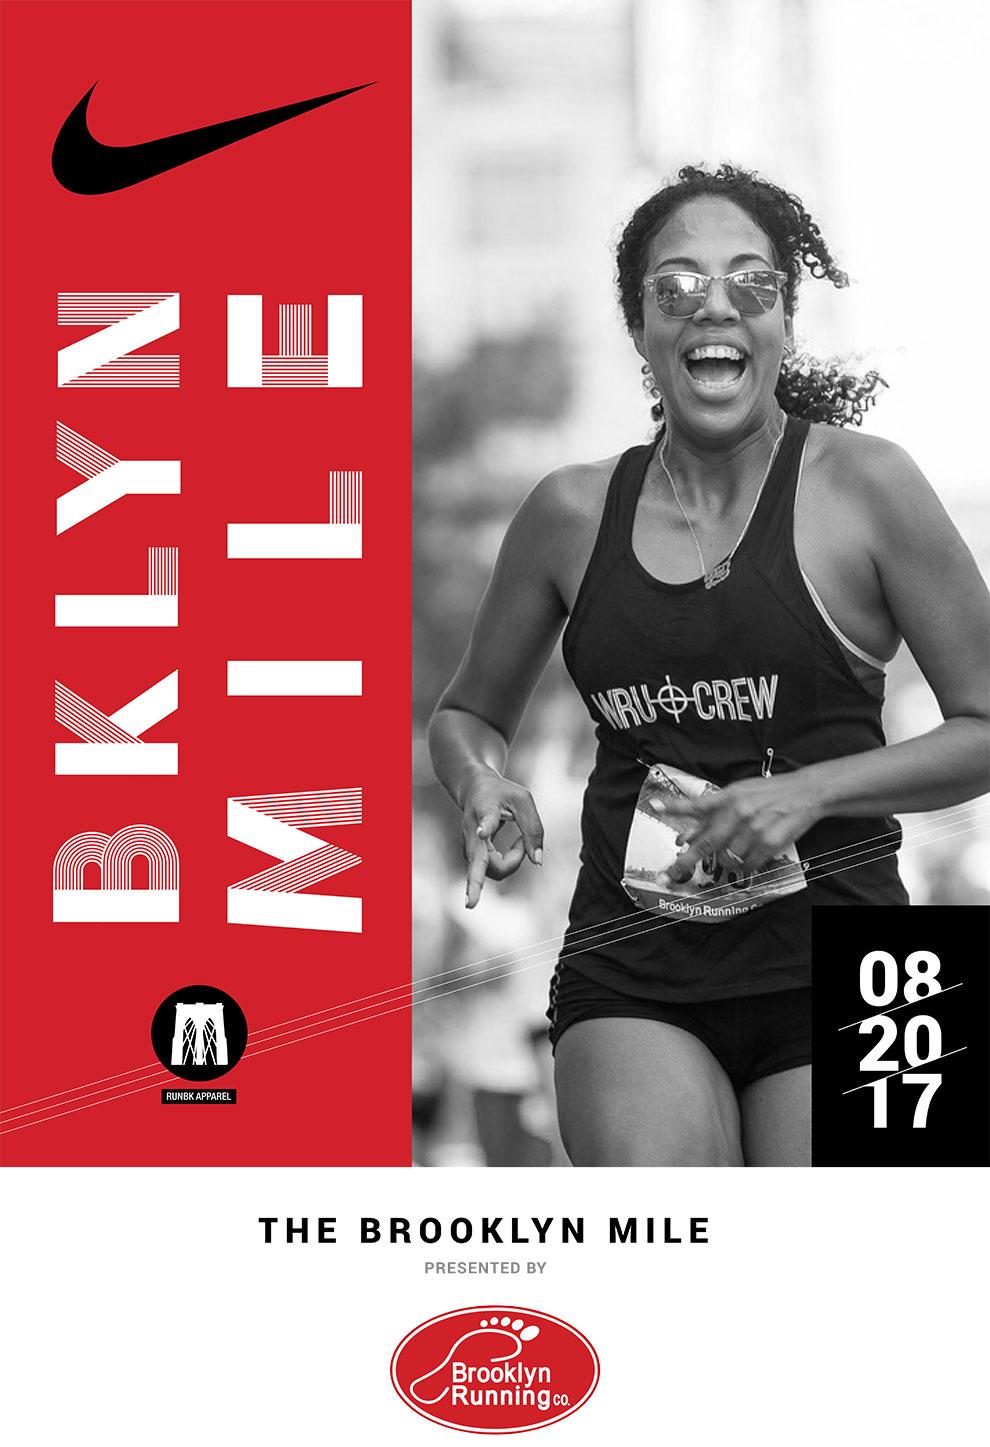 BKLN_MILE_poster_2017_v2d.jpg